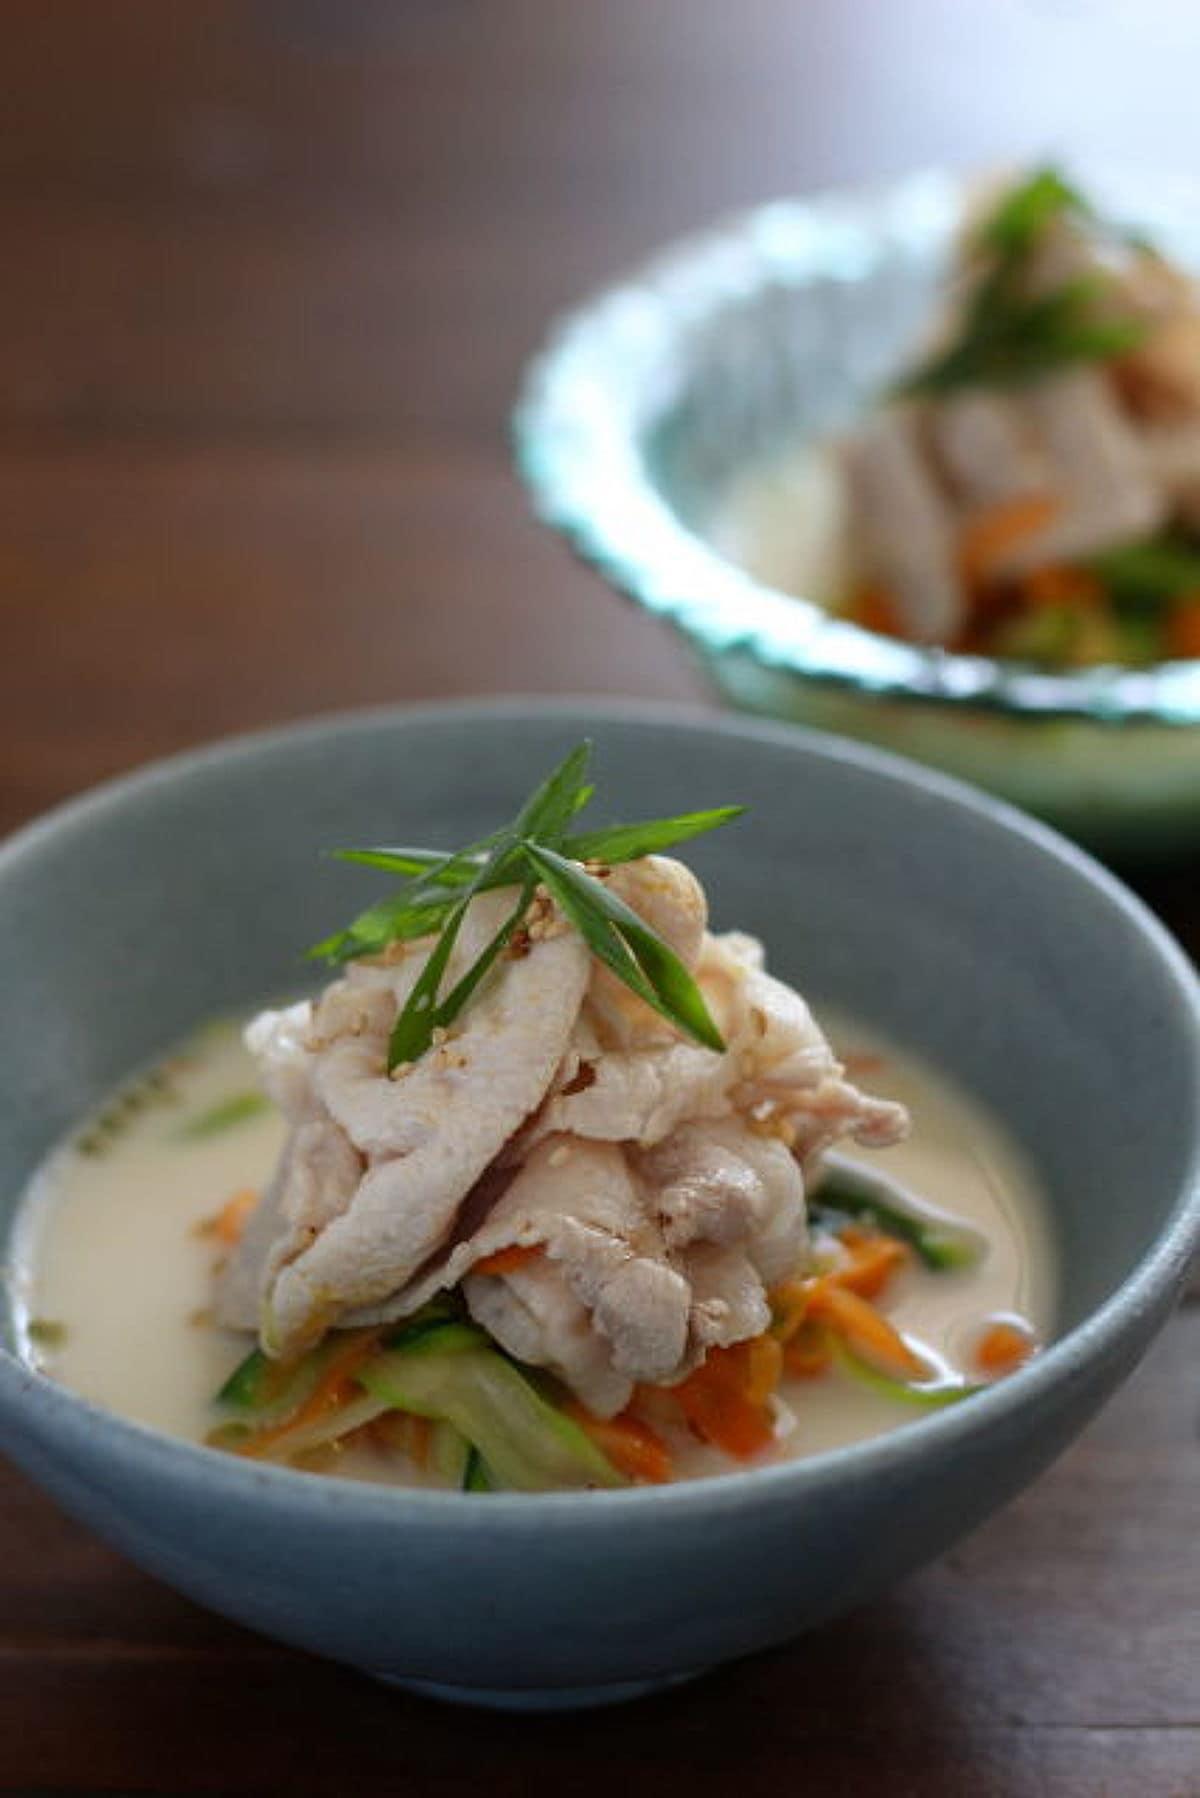 ベジヌードルと豚しゃぶの豆乳味噌スープ